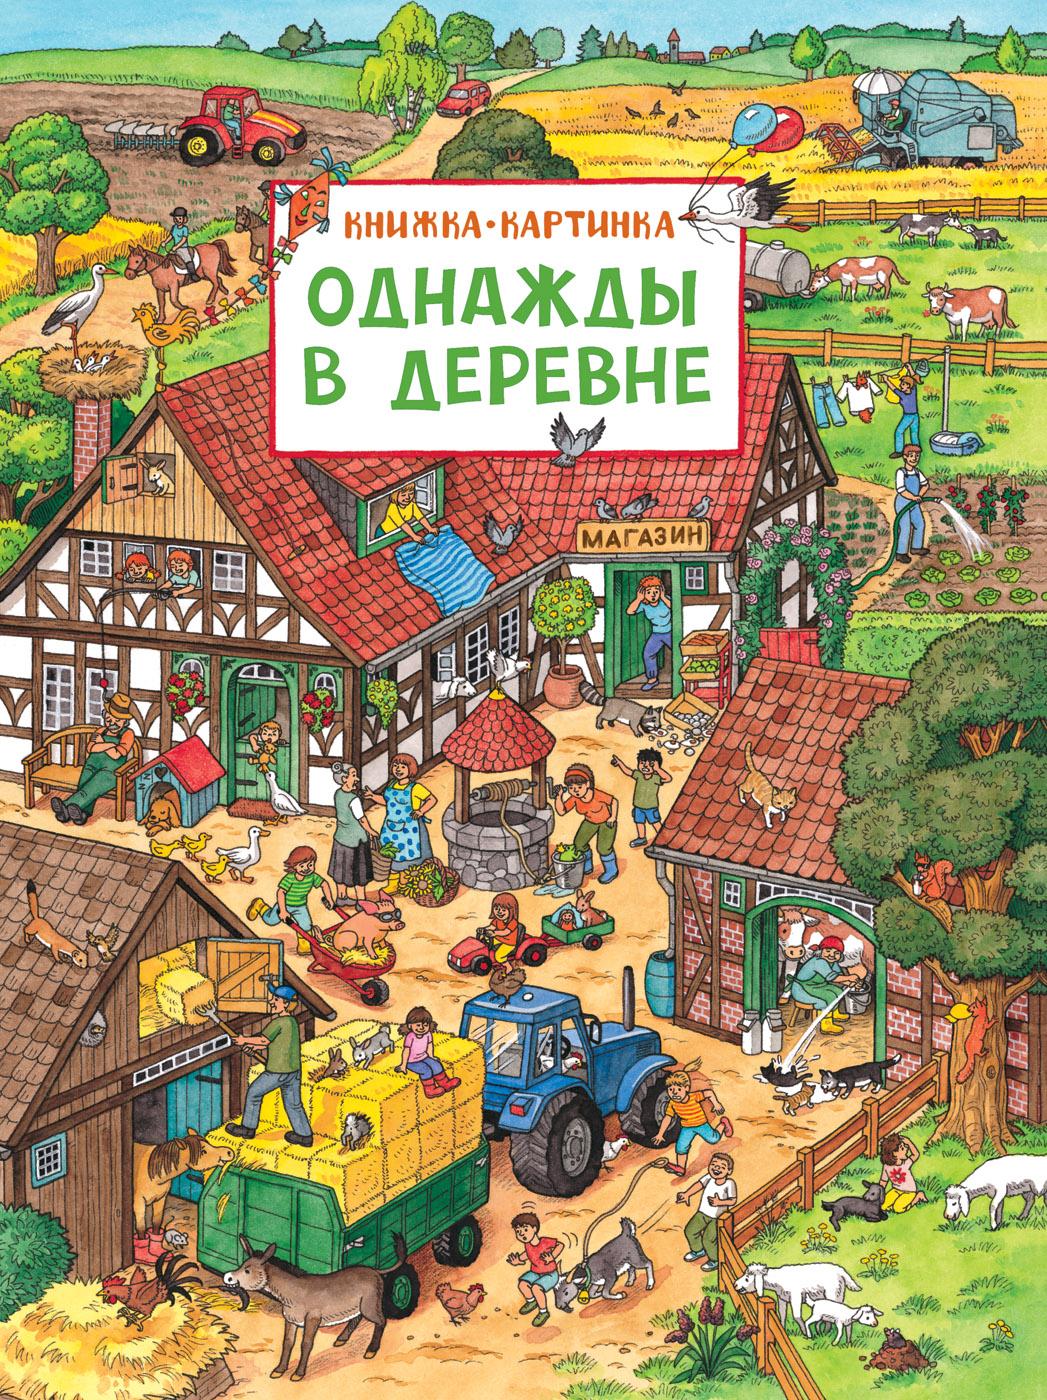 Книжка-картинка Однажды в деревне - РАЗВИВАЕМ МАЛЫША, артикул: 140854